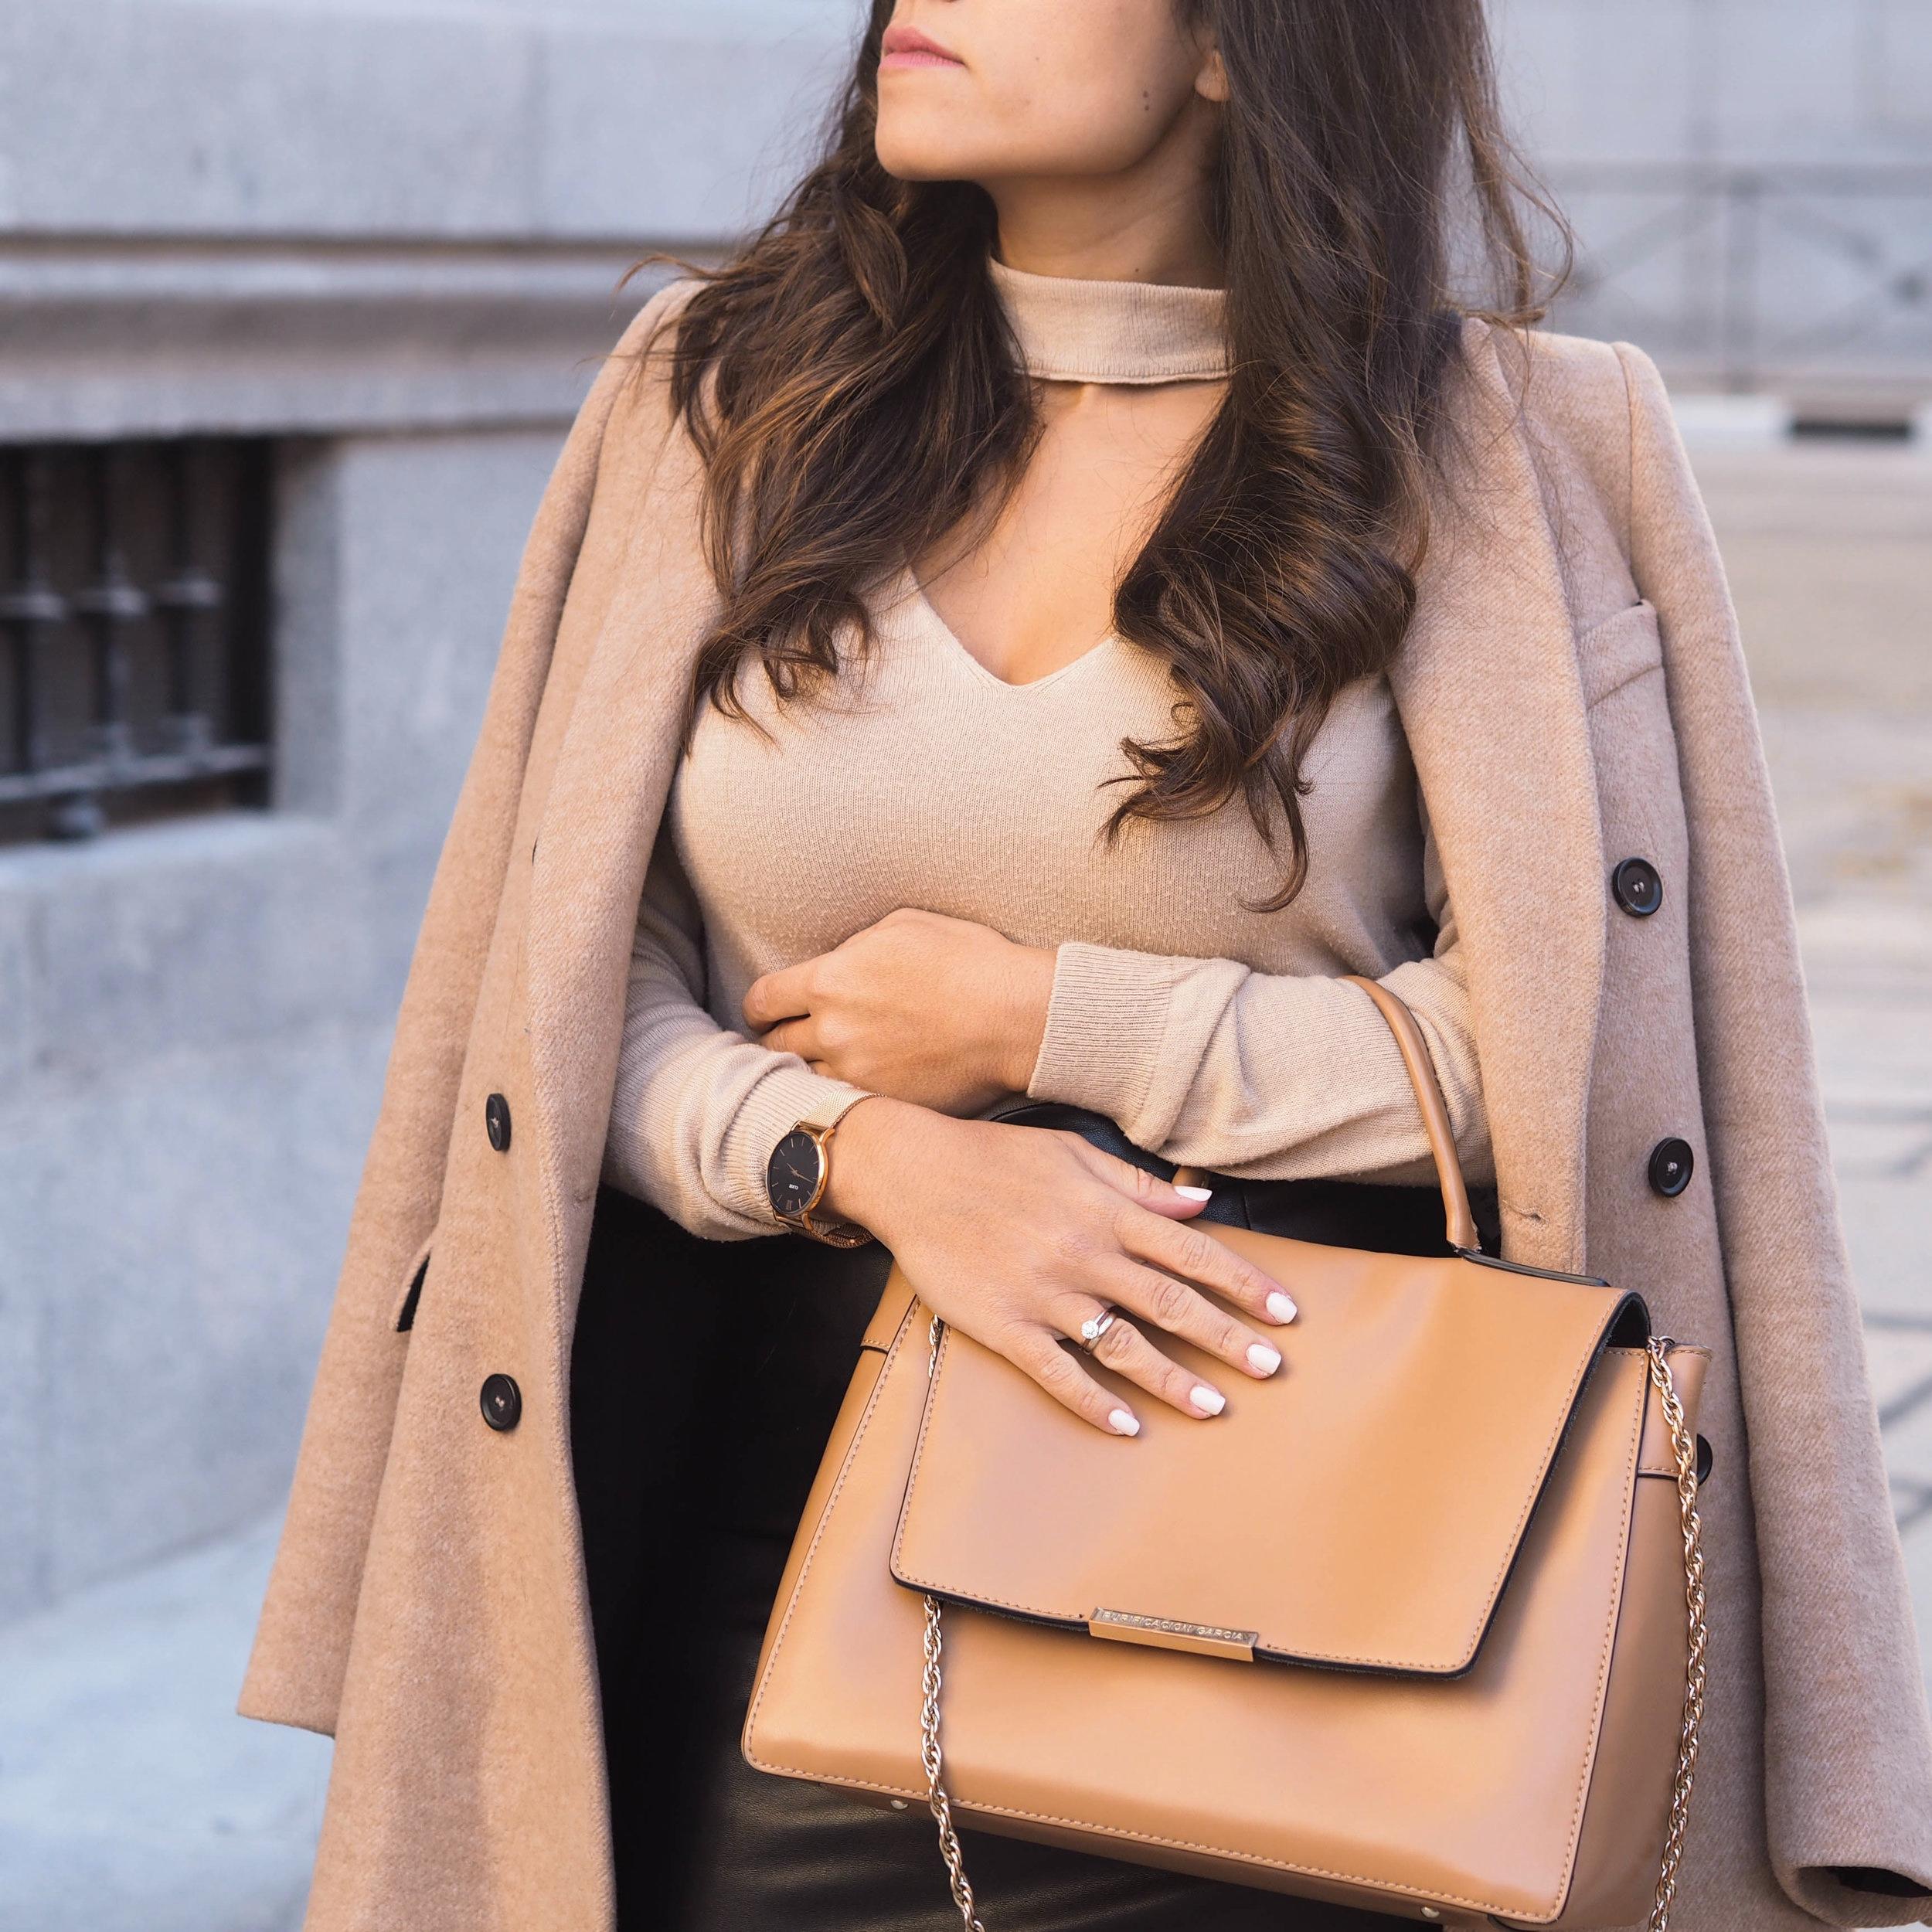 Beige+Structure+Handbag